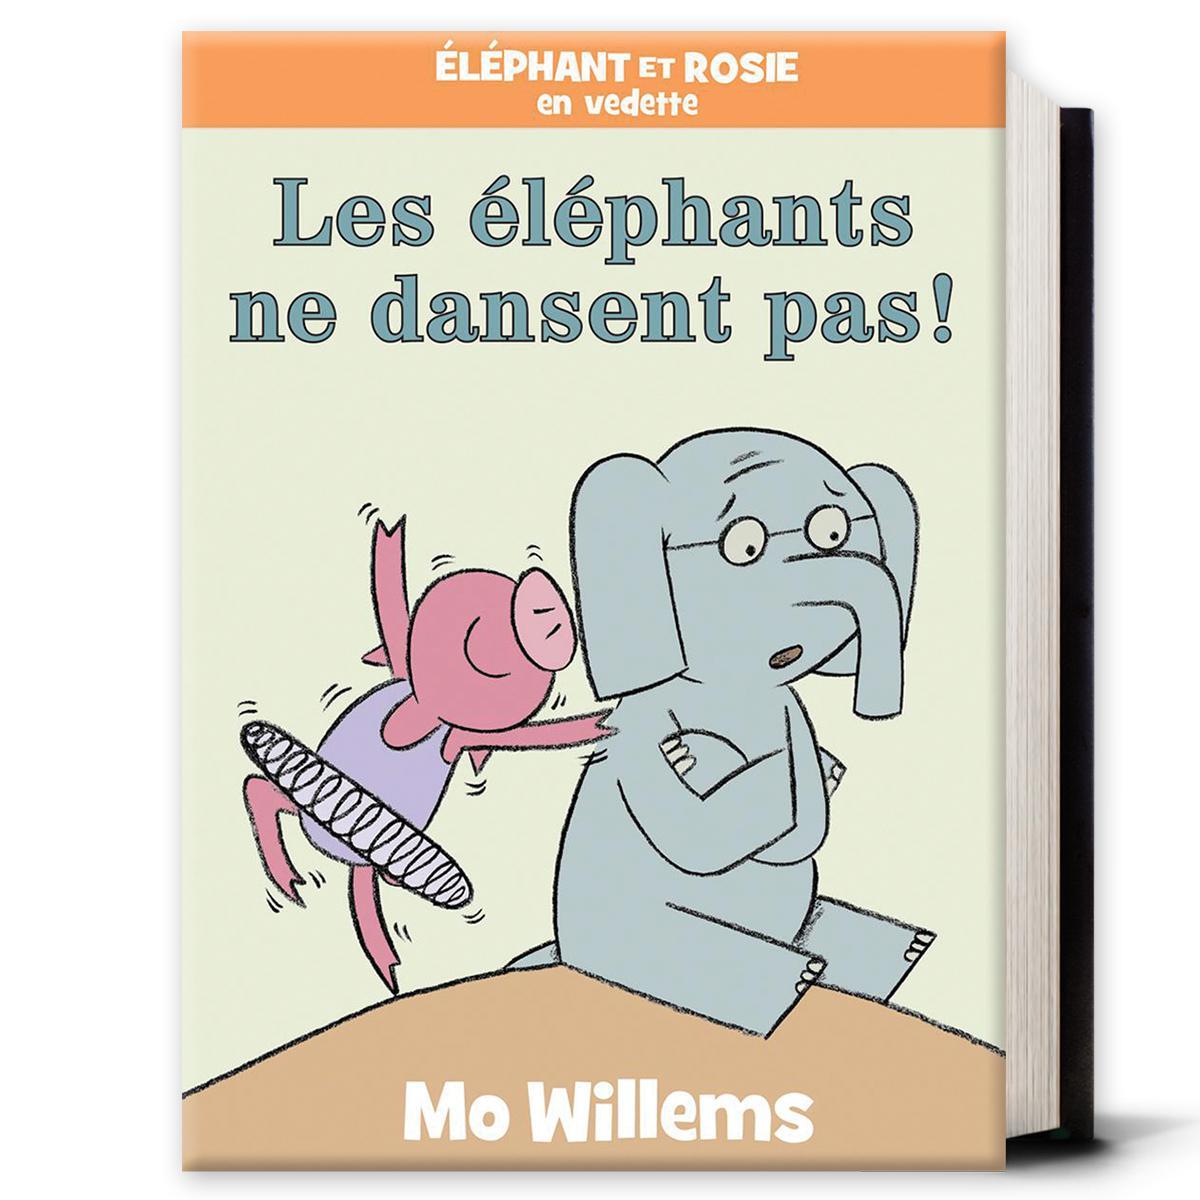 Éléphant et rosie : Les éléphants ne dansent pas!